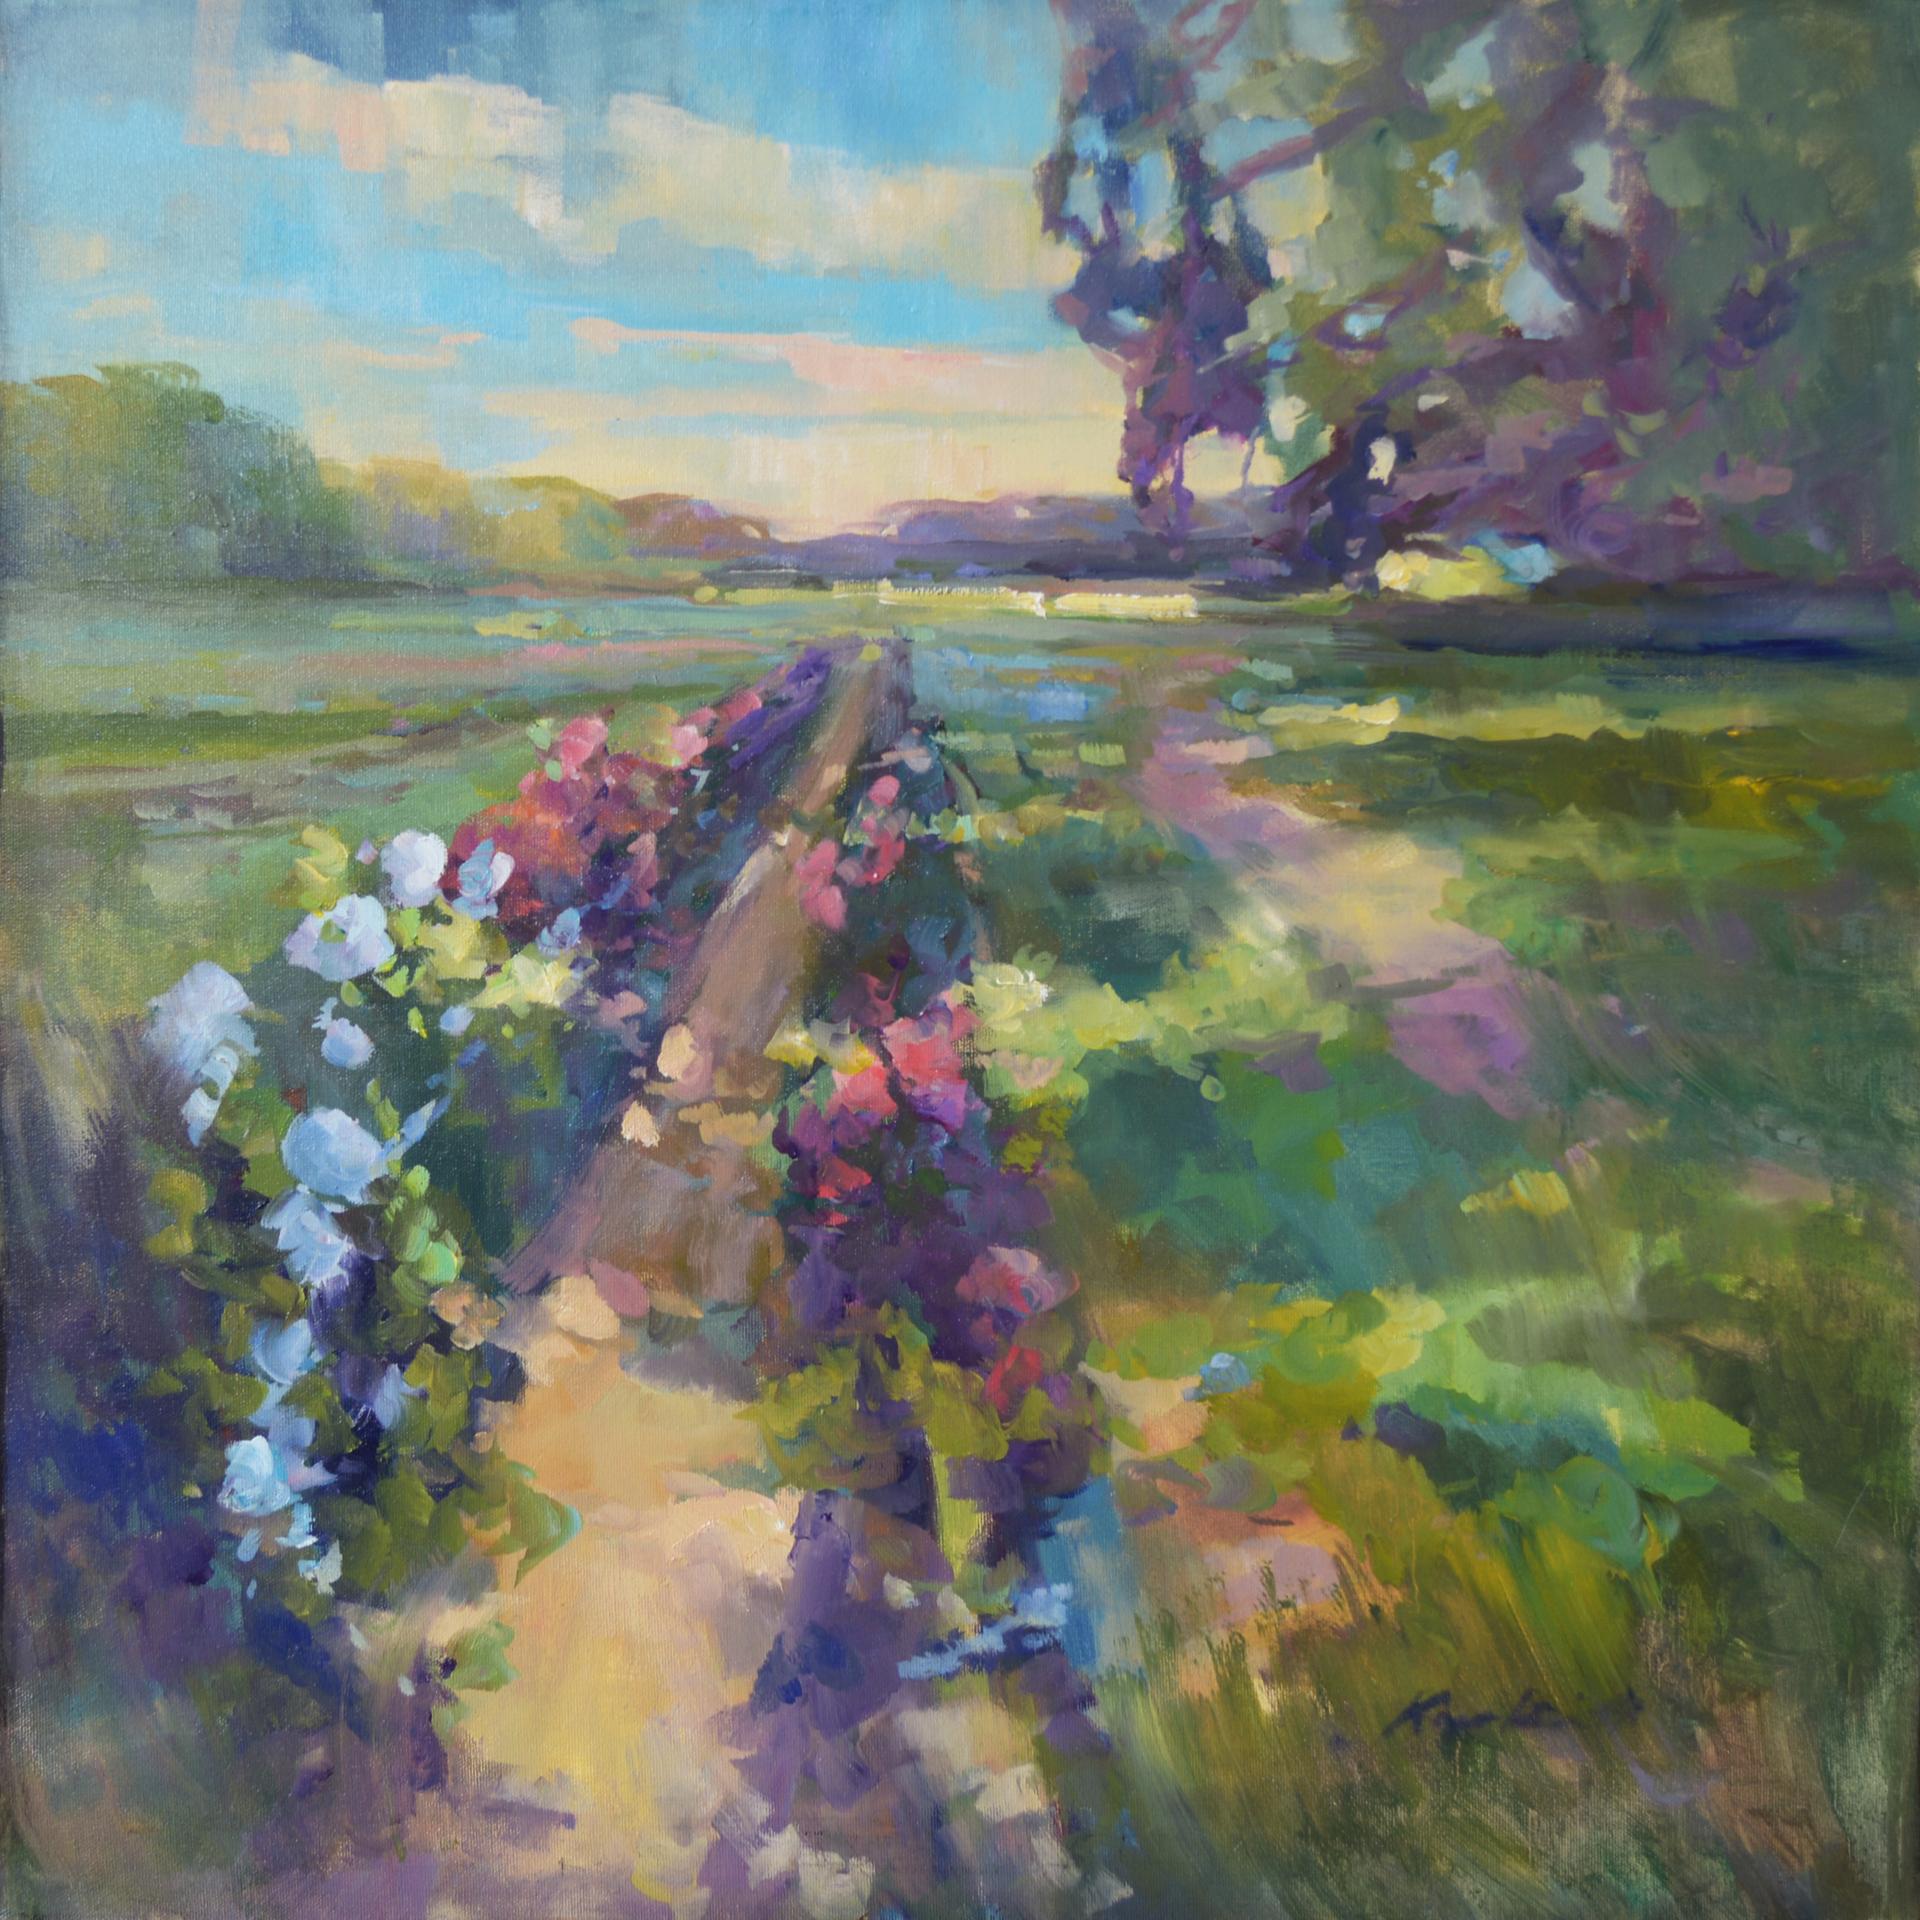 Roadside Fields, Edisto by Karen Hewitt Hagan